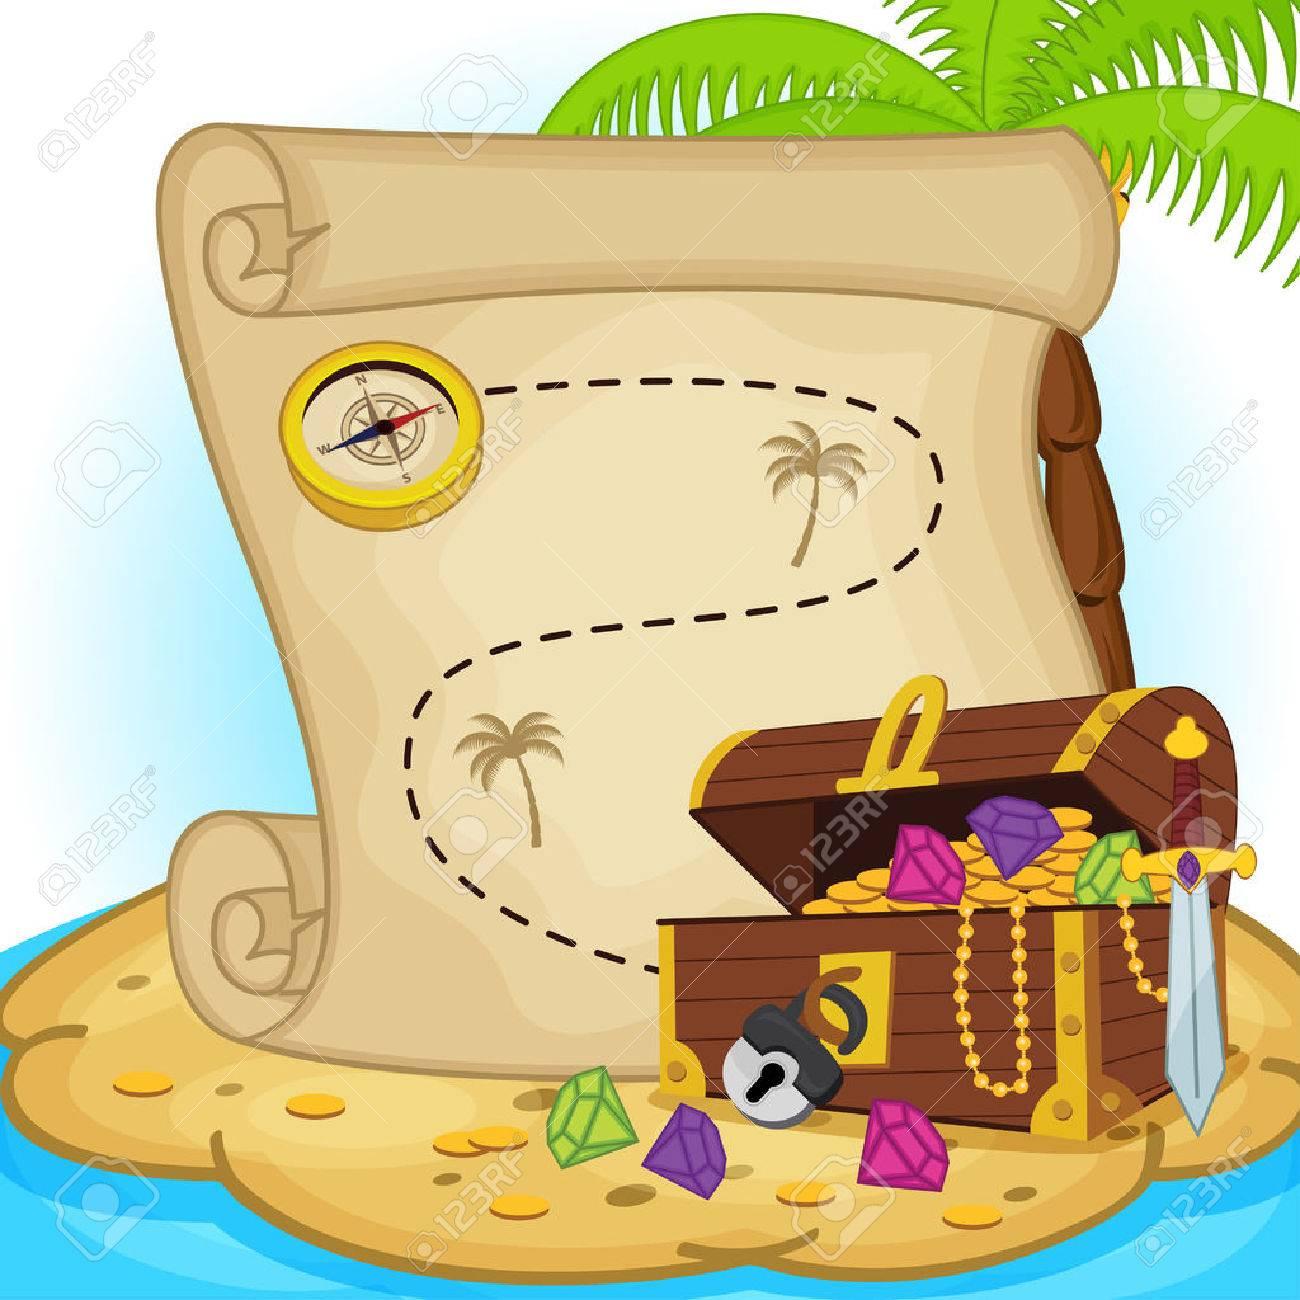 Schatzkarte und Schatztruhe auf der Insel - Vektor-Illustration, EPS- Standard-Bild - 35796462